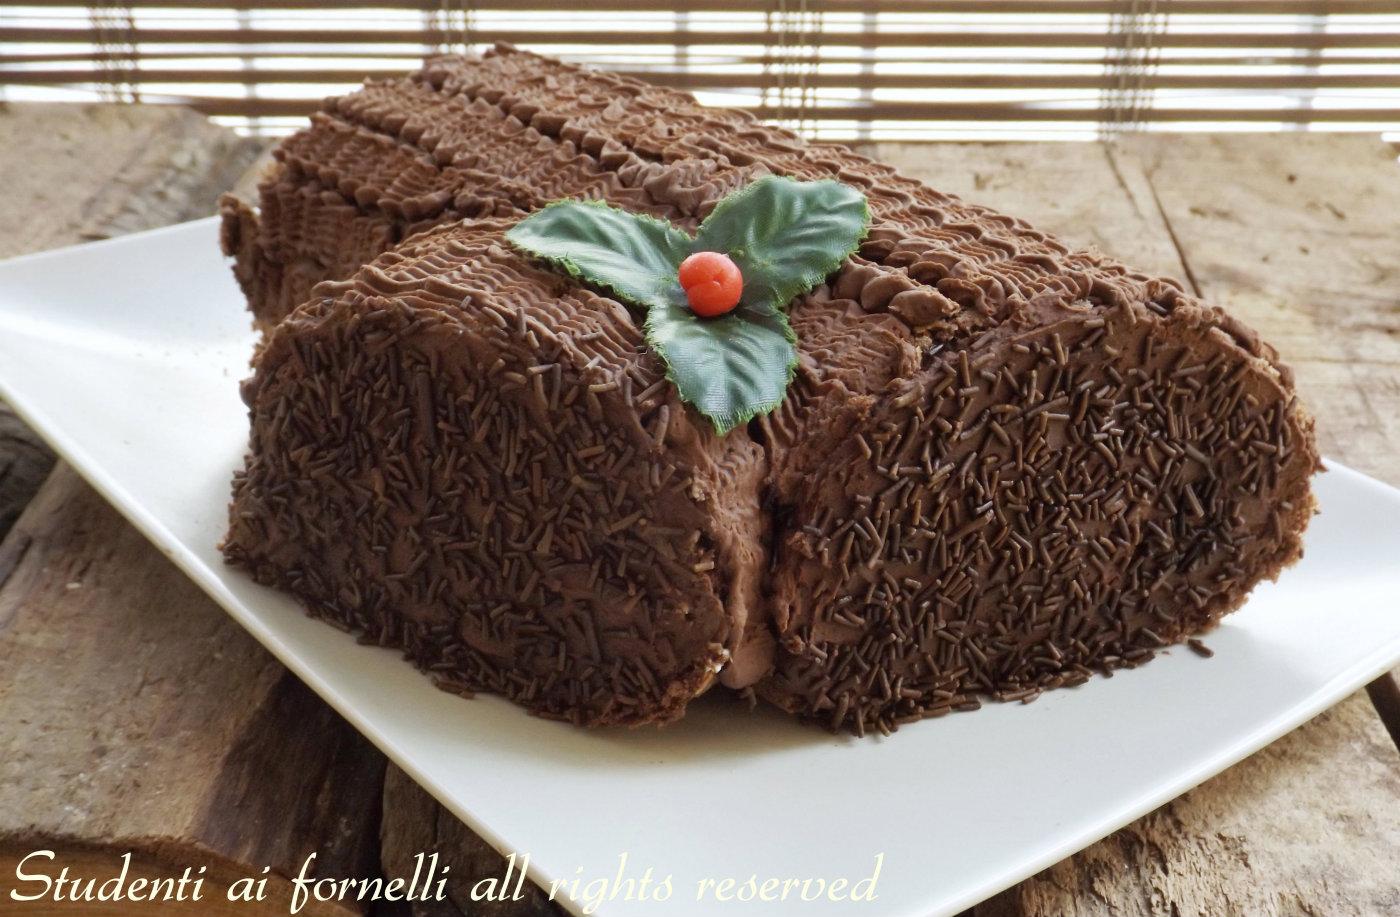 Tronchetto Di Natale Con Ricotta E Cioccolato.Tronchetto Al Cioccolato E Mascarpone Di Natale Ricetta